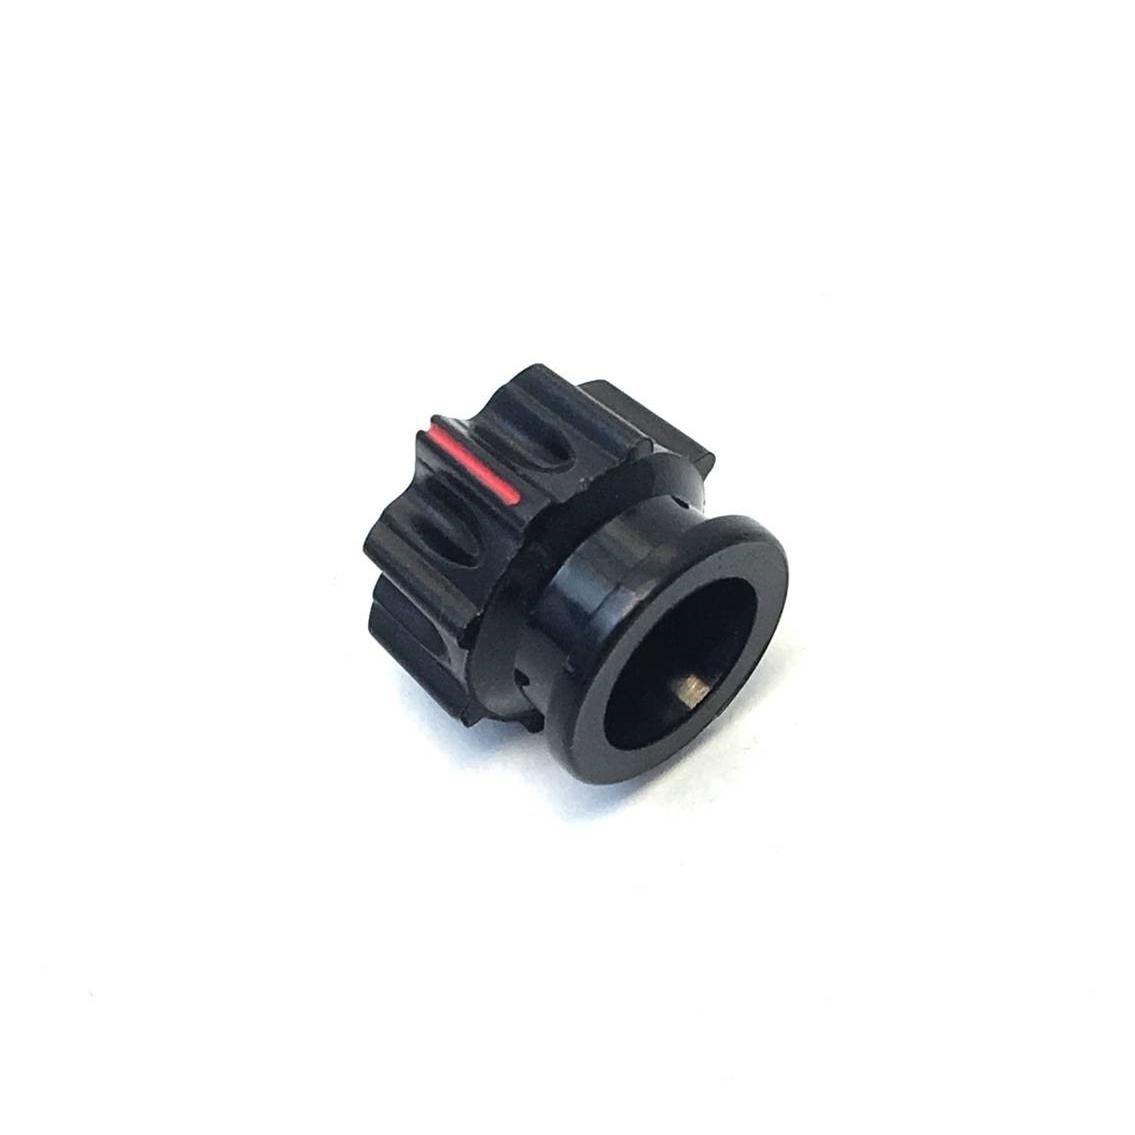 GNBZ345898Z - Uniden Replacement Squelch Knob BC780XLT, BC785D & BC796D